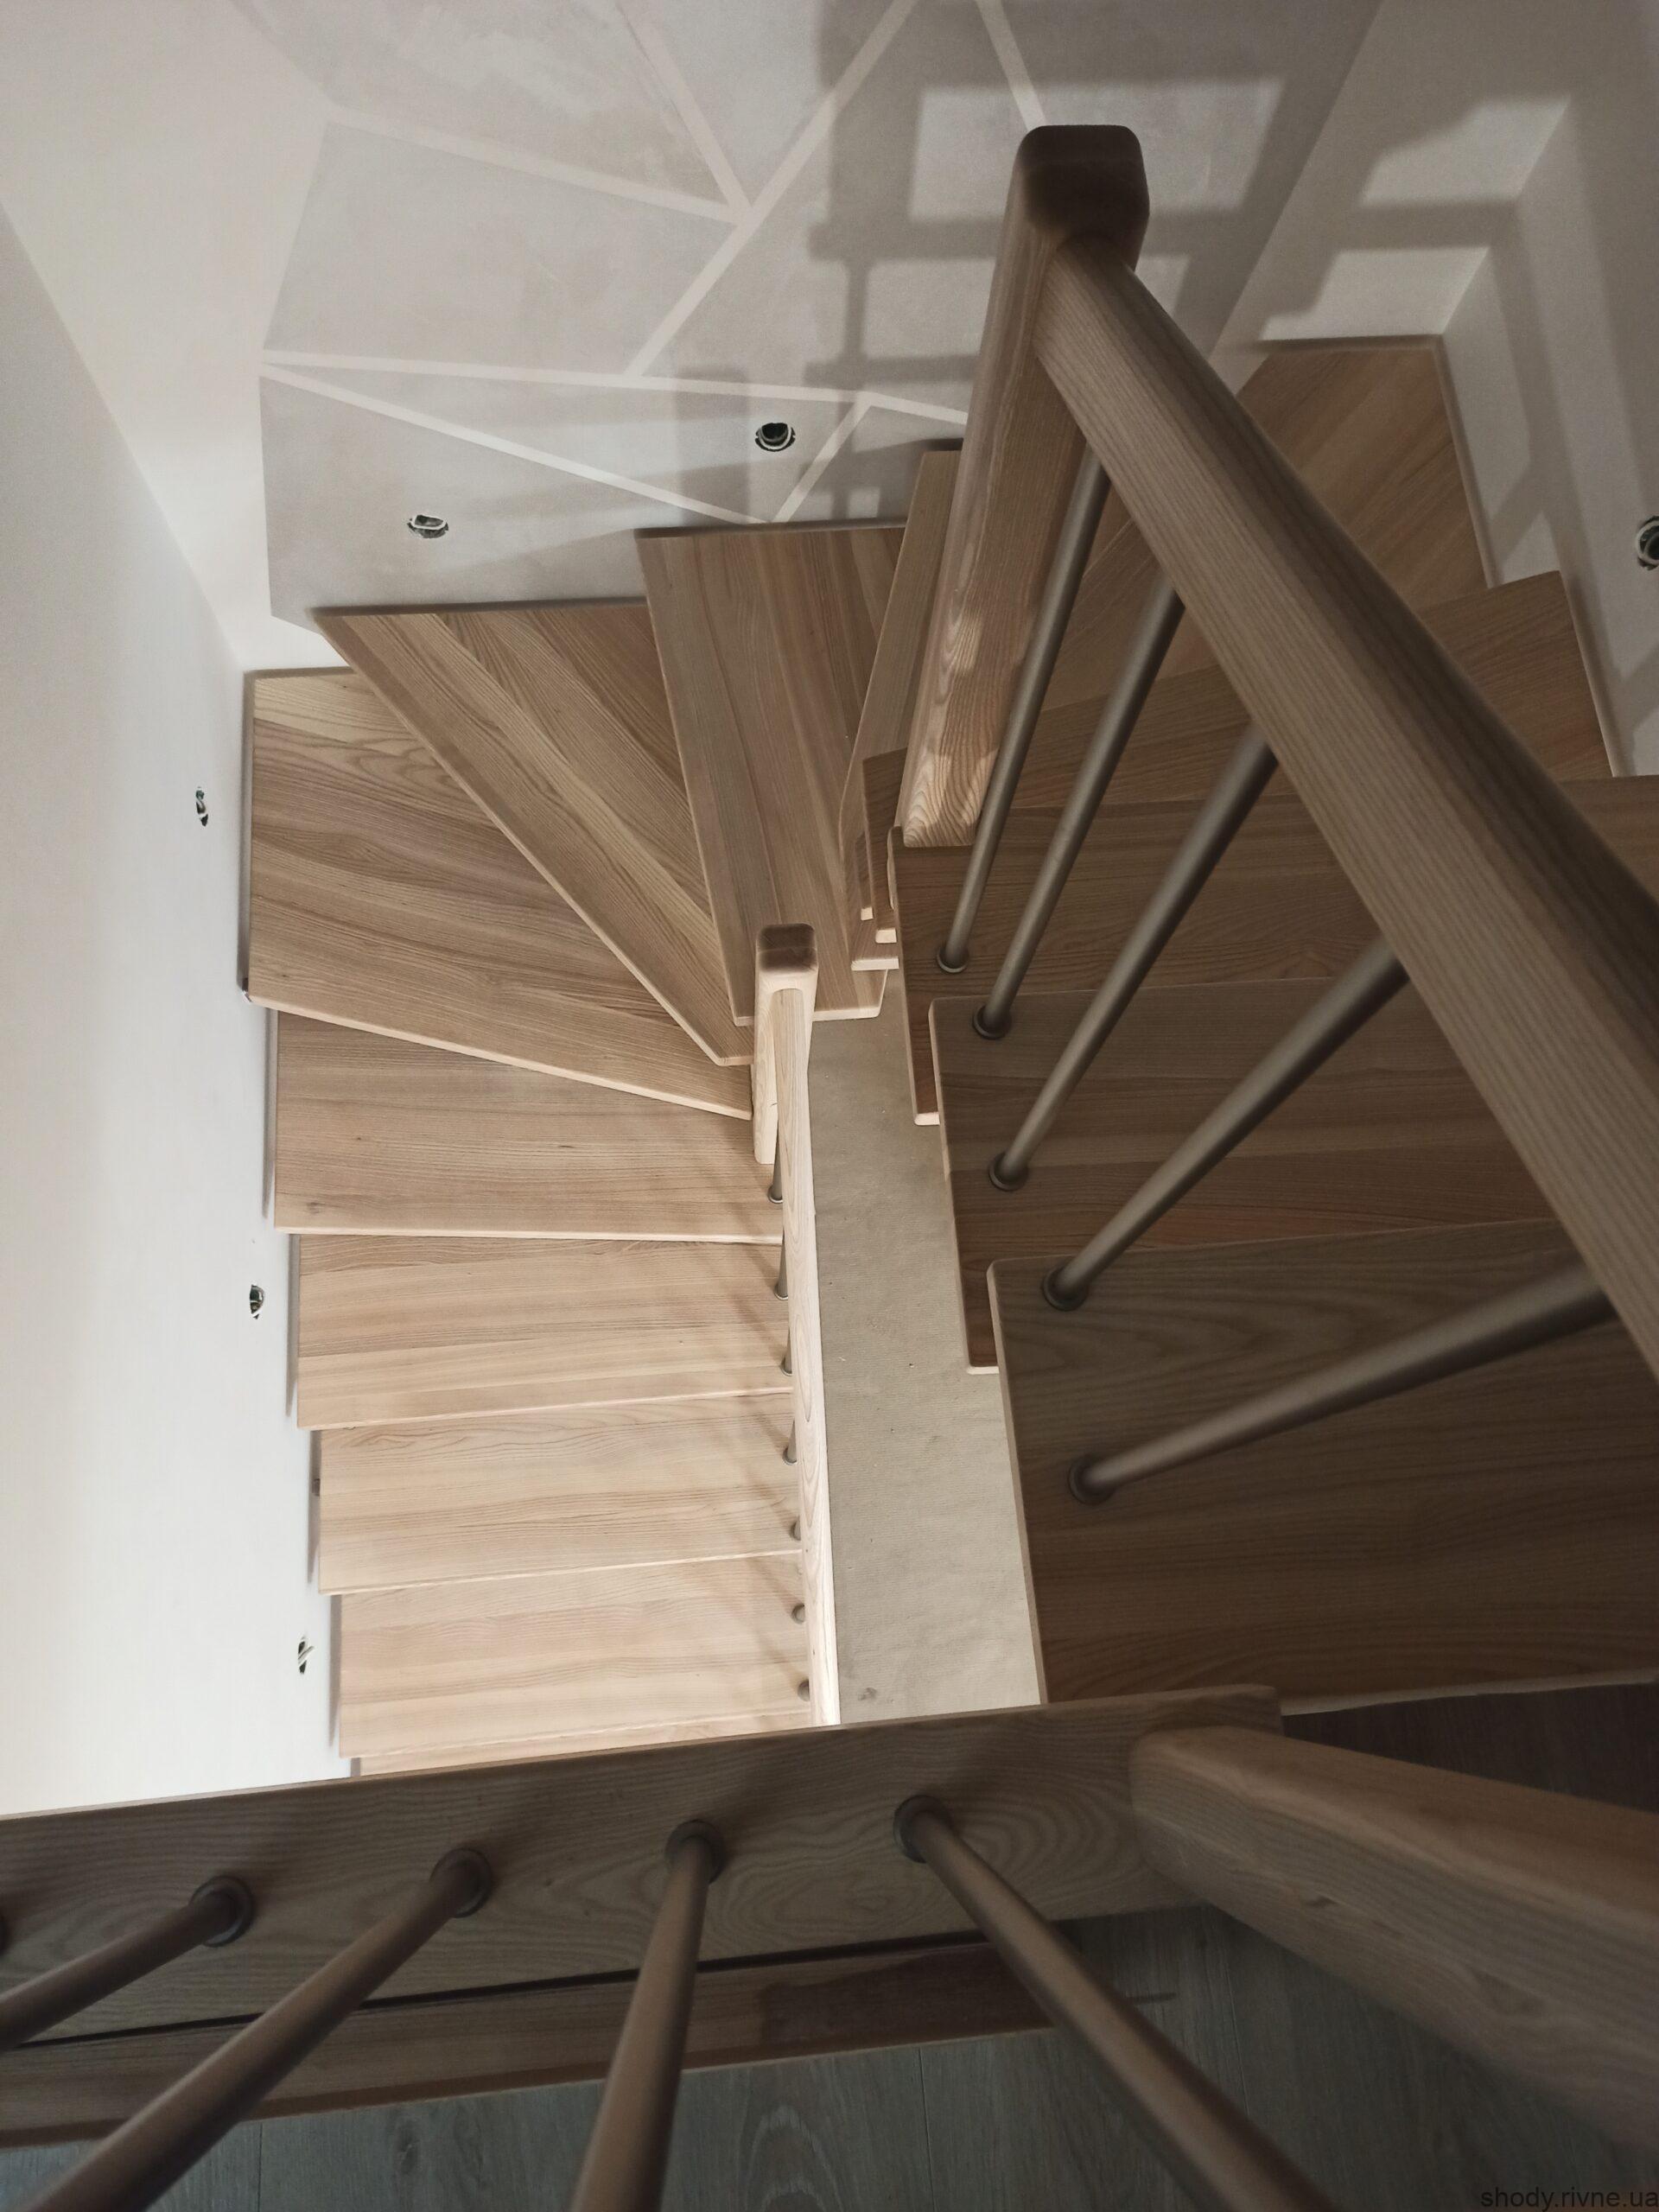 сходи металодеревяні